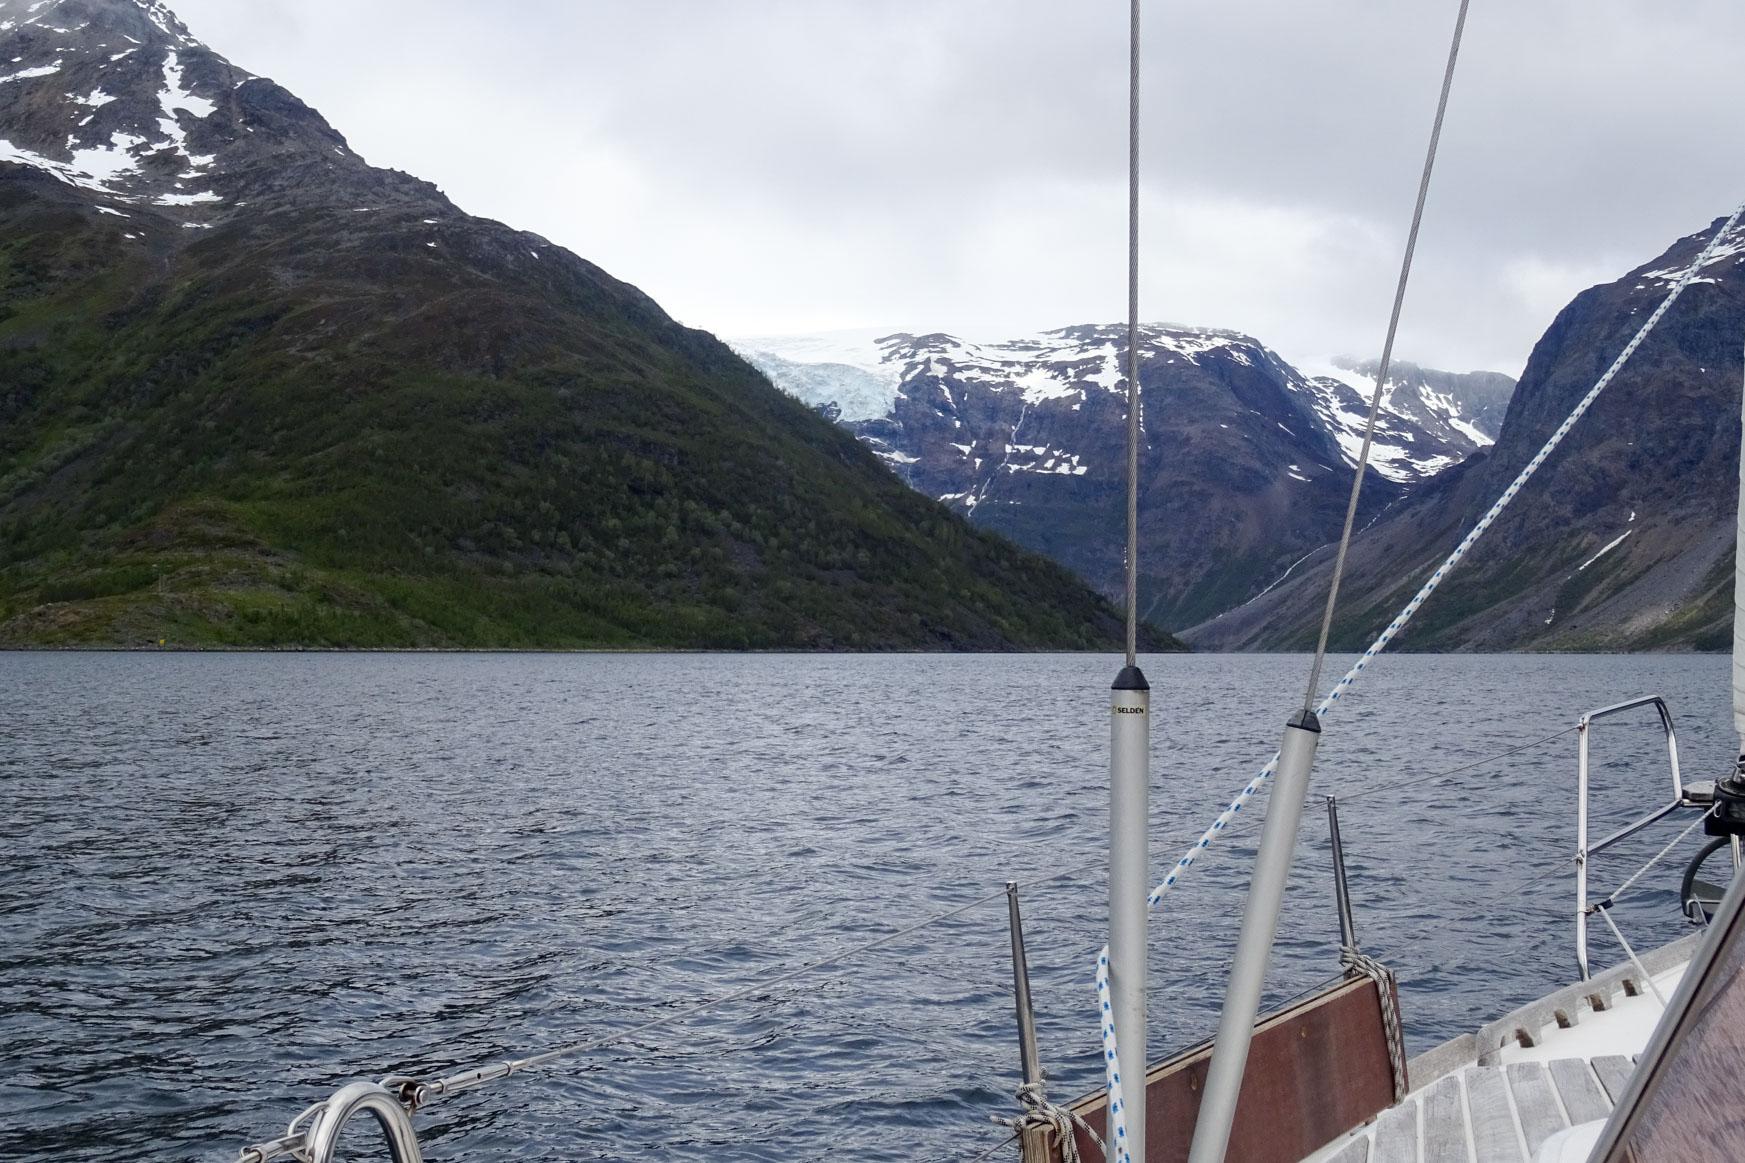 Hinten links das erste Stück vom Gletscher